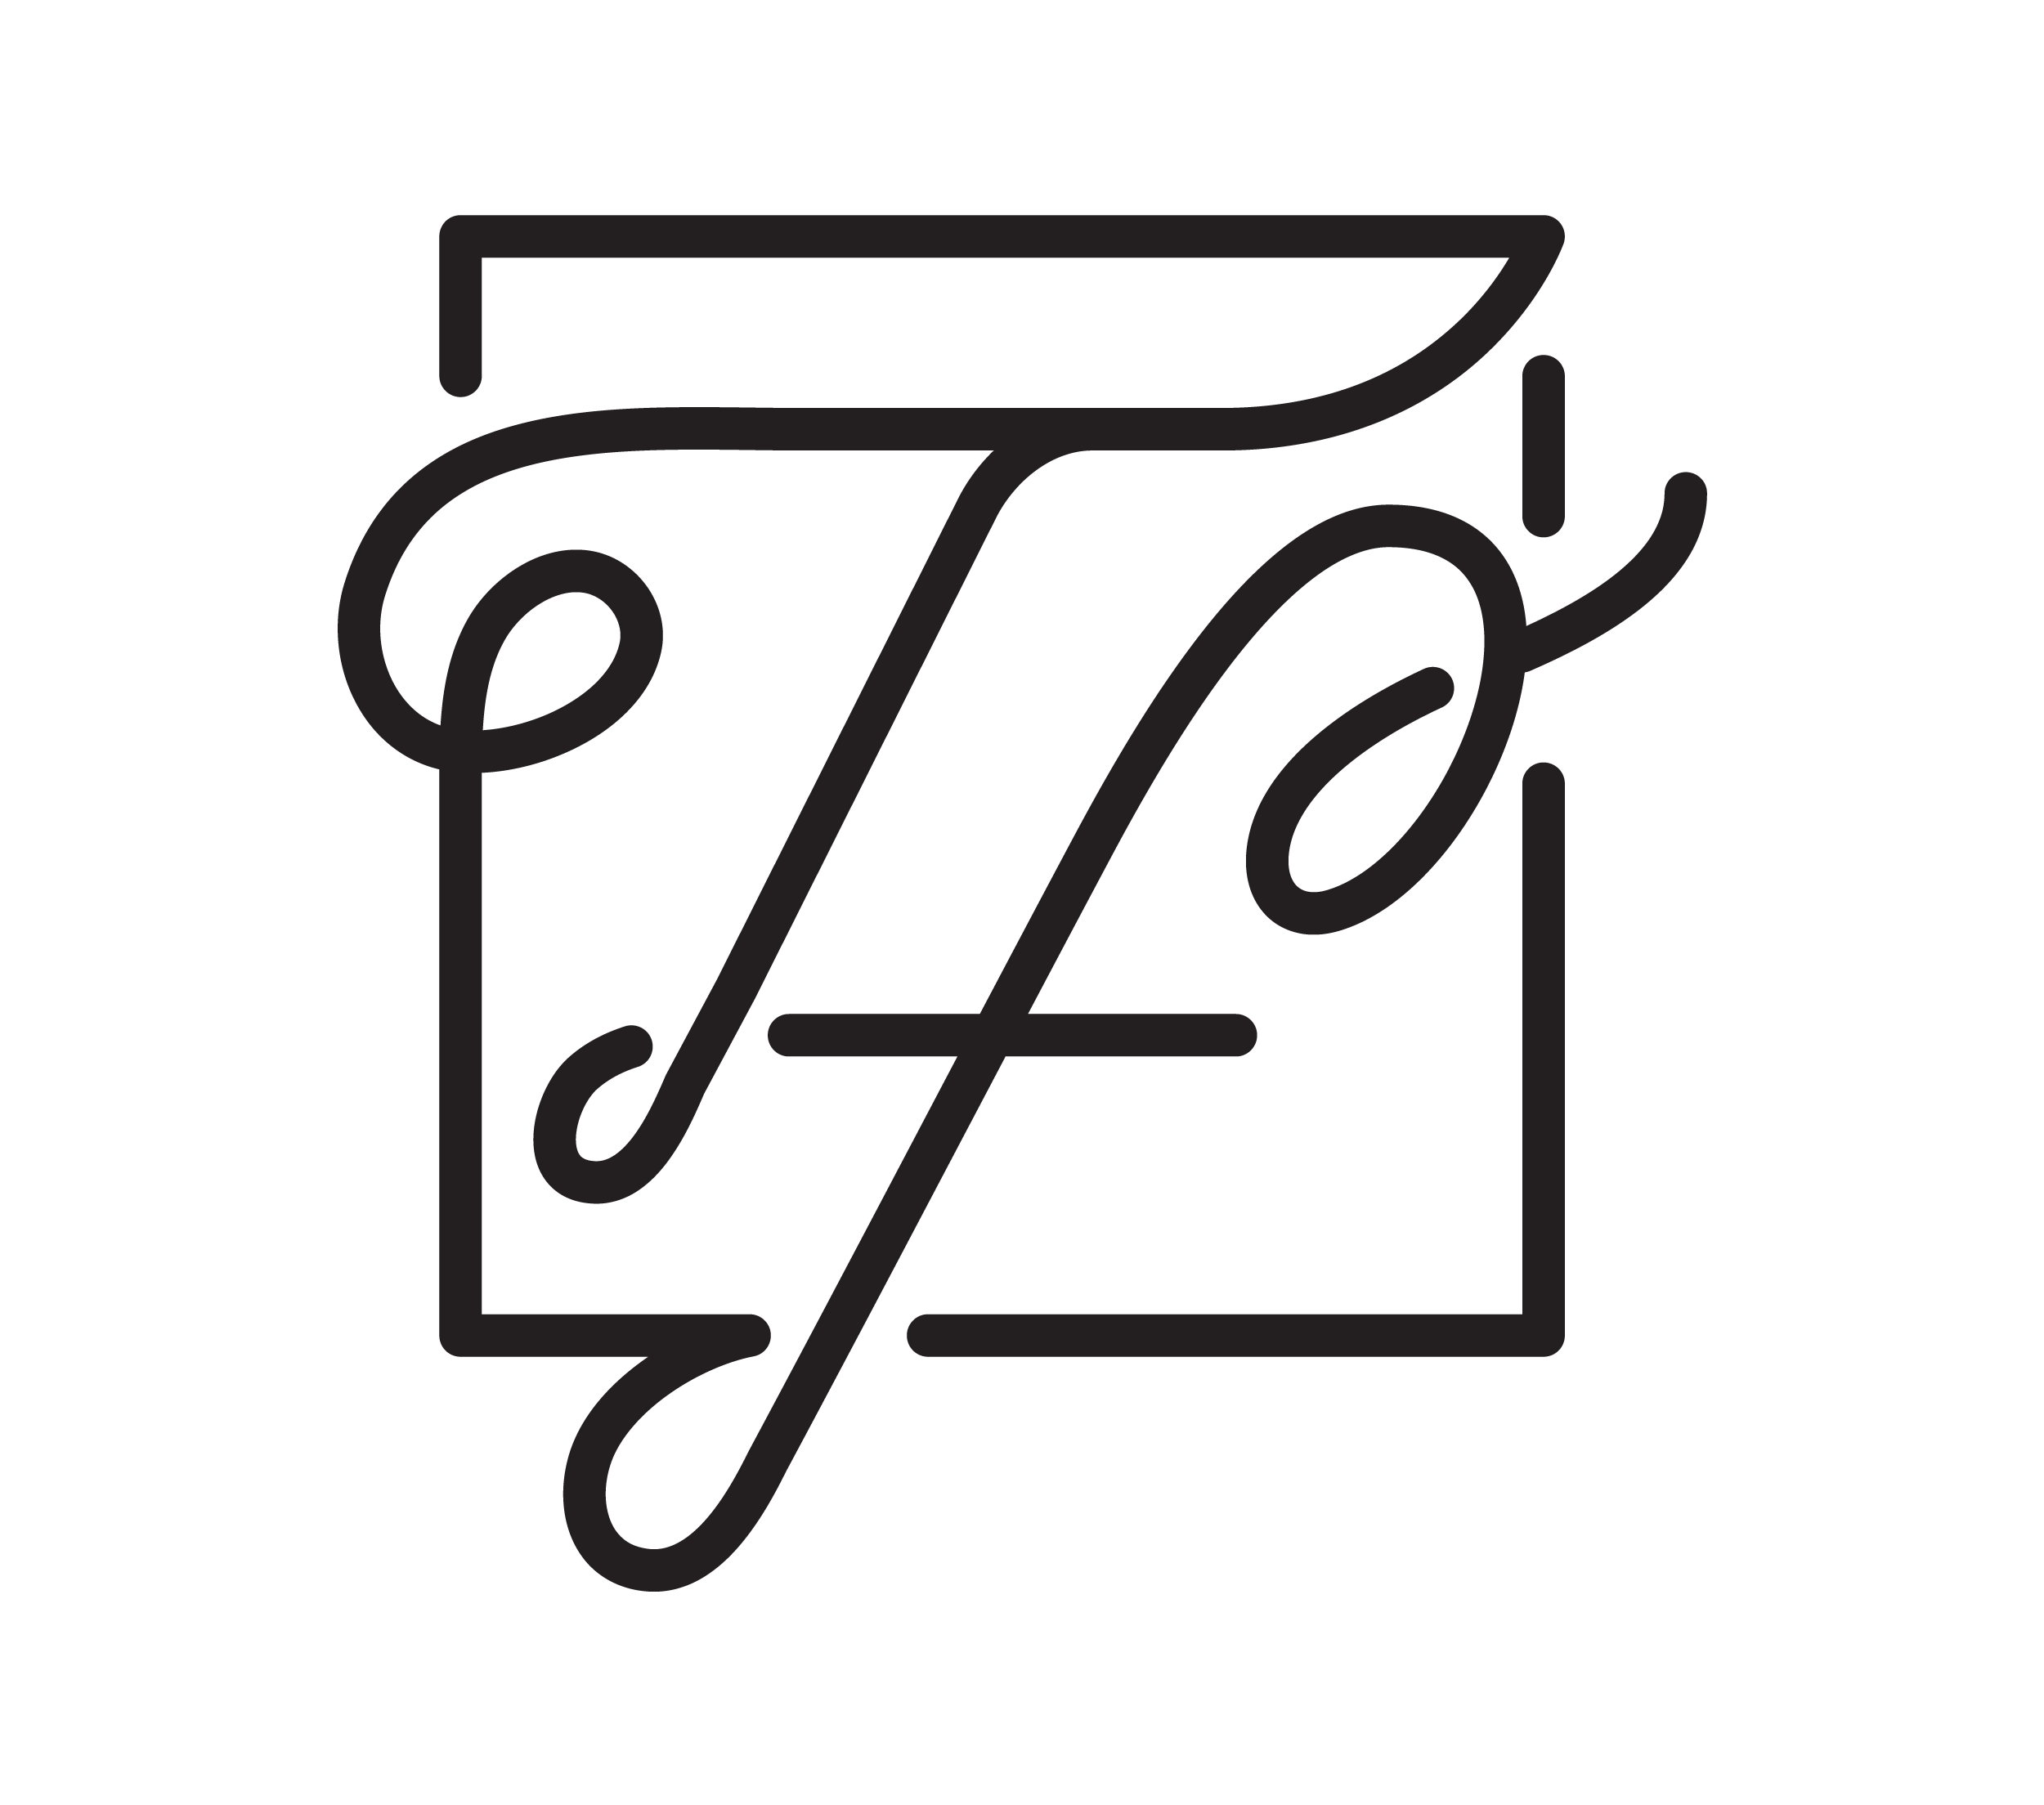 330-1601_threadfellow-TF.png